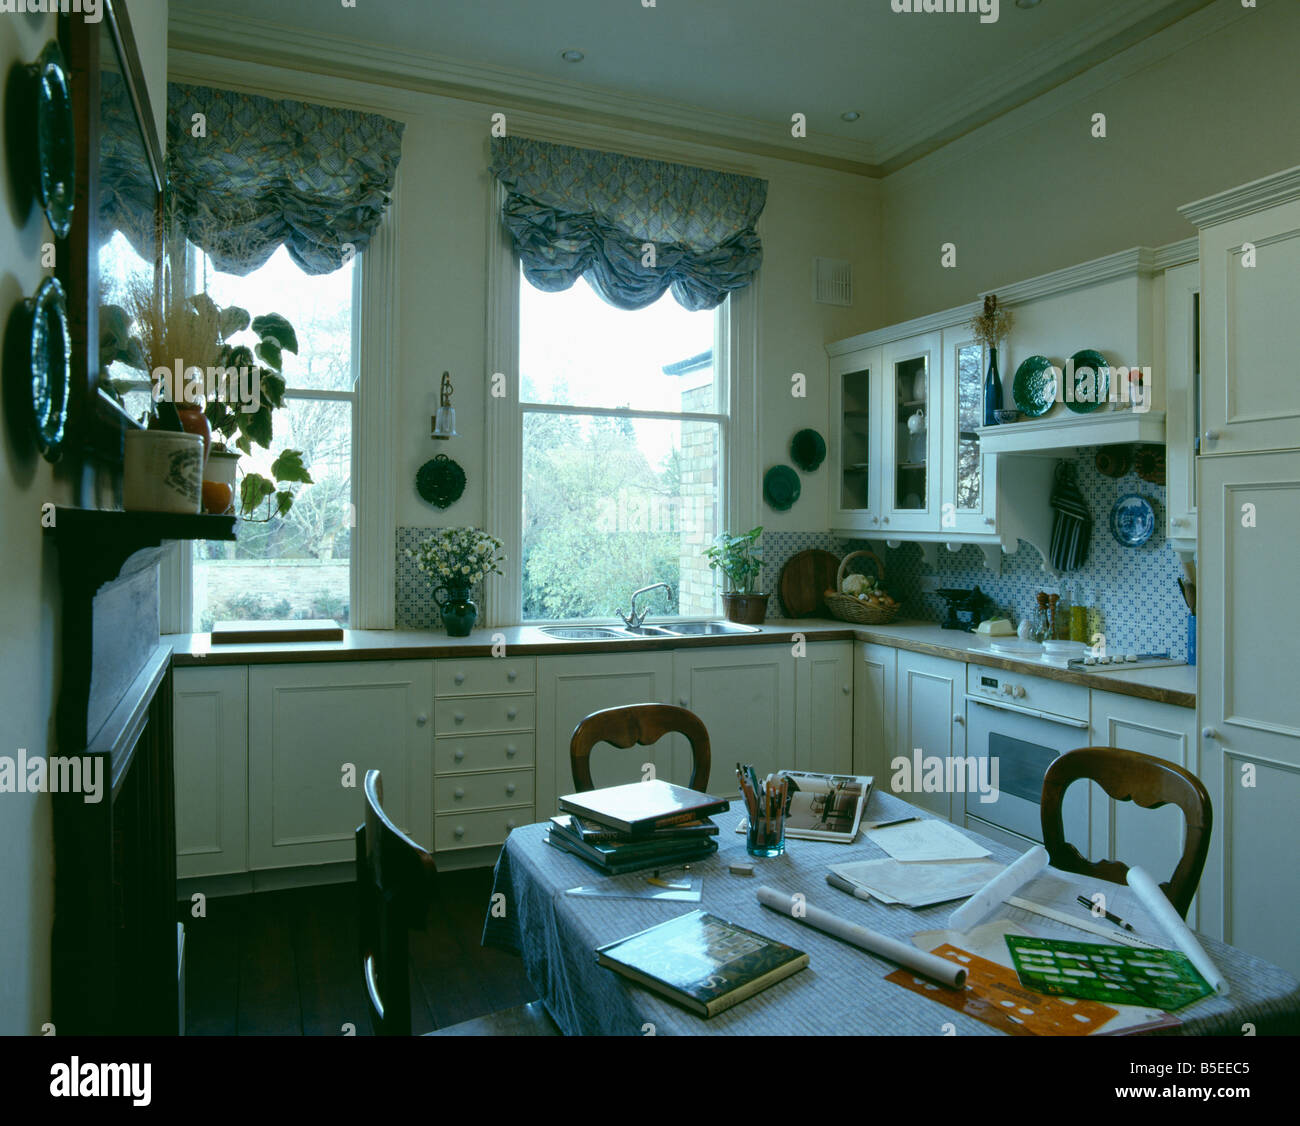 Geraffte Vorhänge am Fenster in Creme Küche mit Tisch als ...